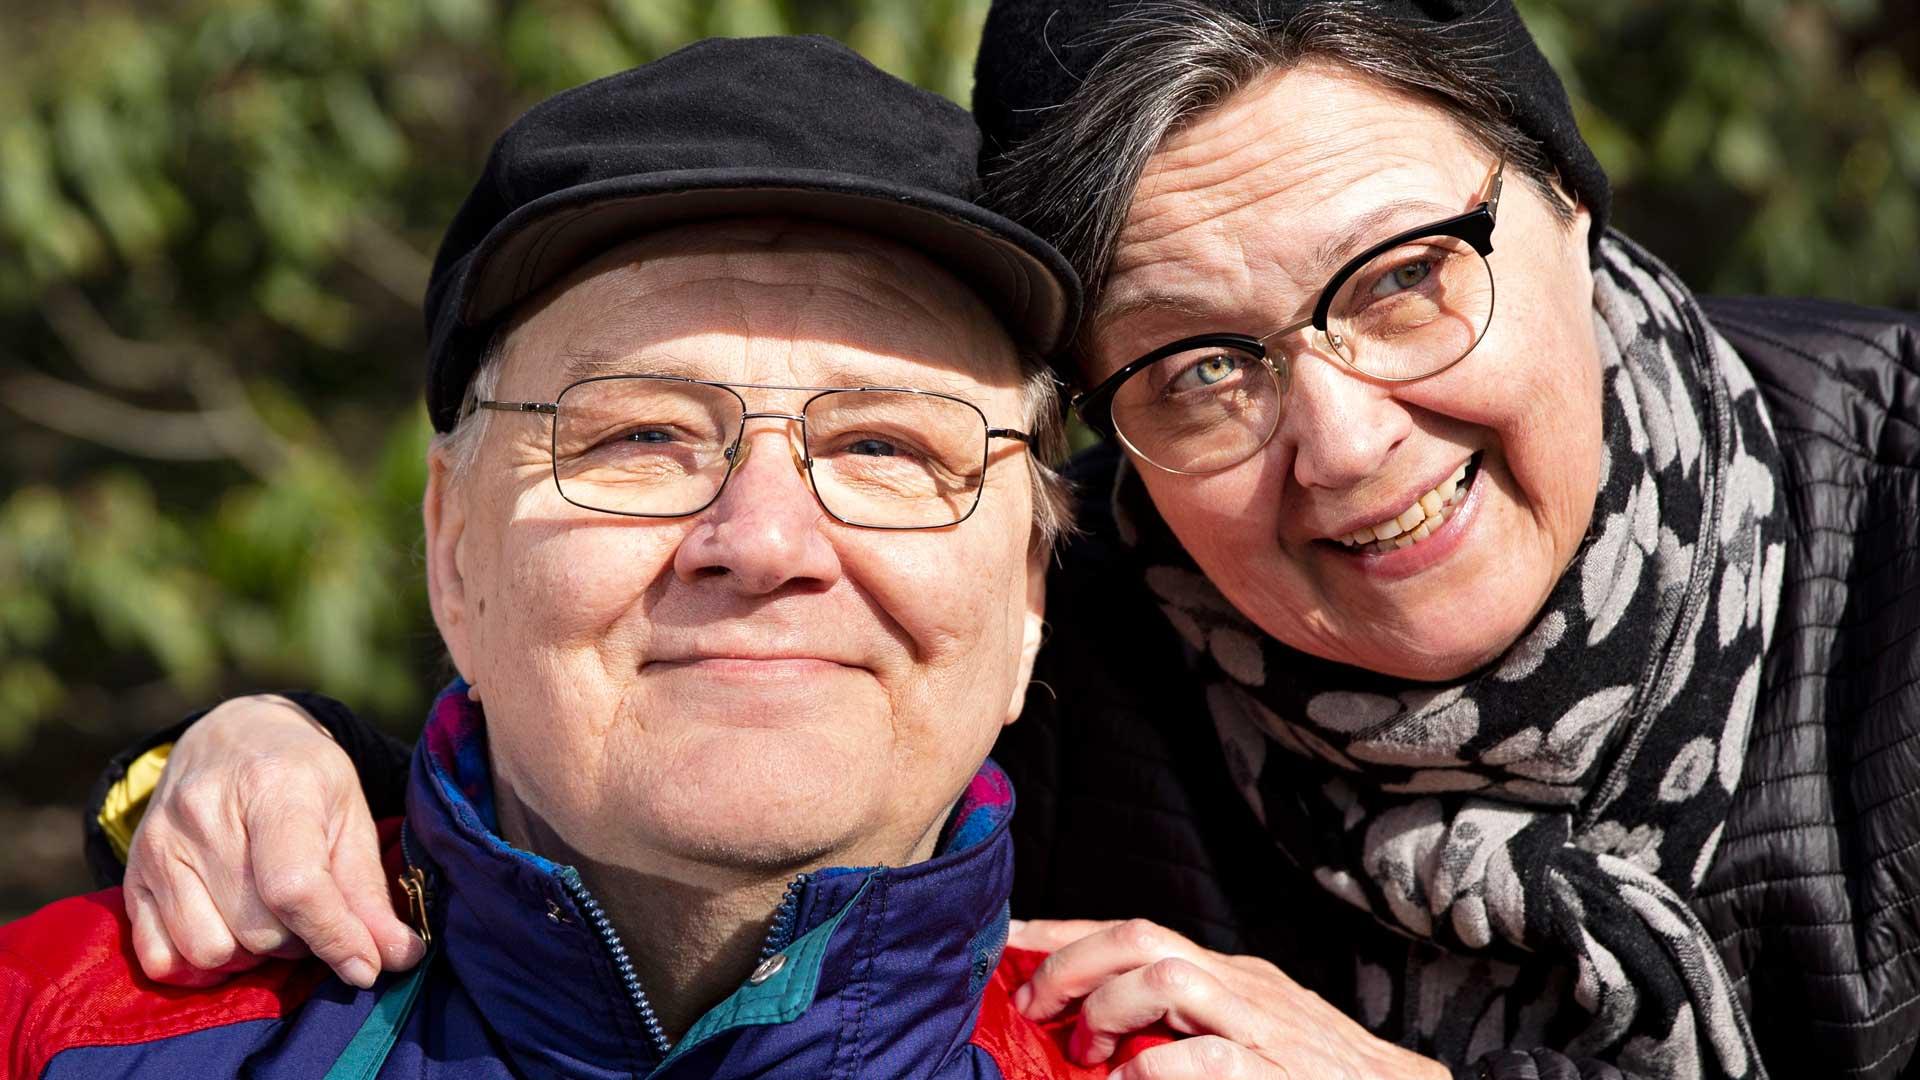 """Marja-Leena ja Jouko Alhon liitto on kestänyt yli 40 vuotta. """"Hän on hoivaviettinen ja minä yritän tehdä parhaani mukaan oman osuuteni"""", sanoo Jouko."""